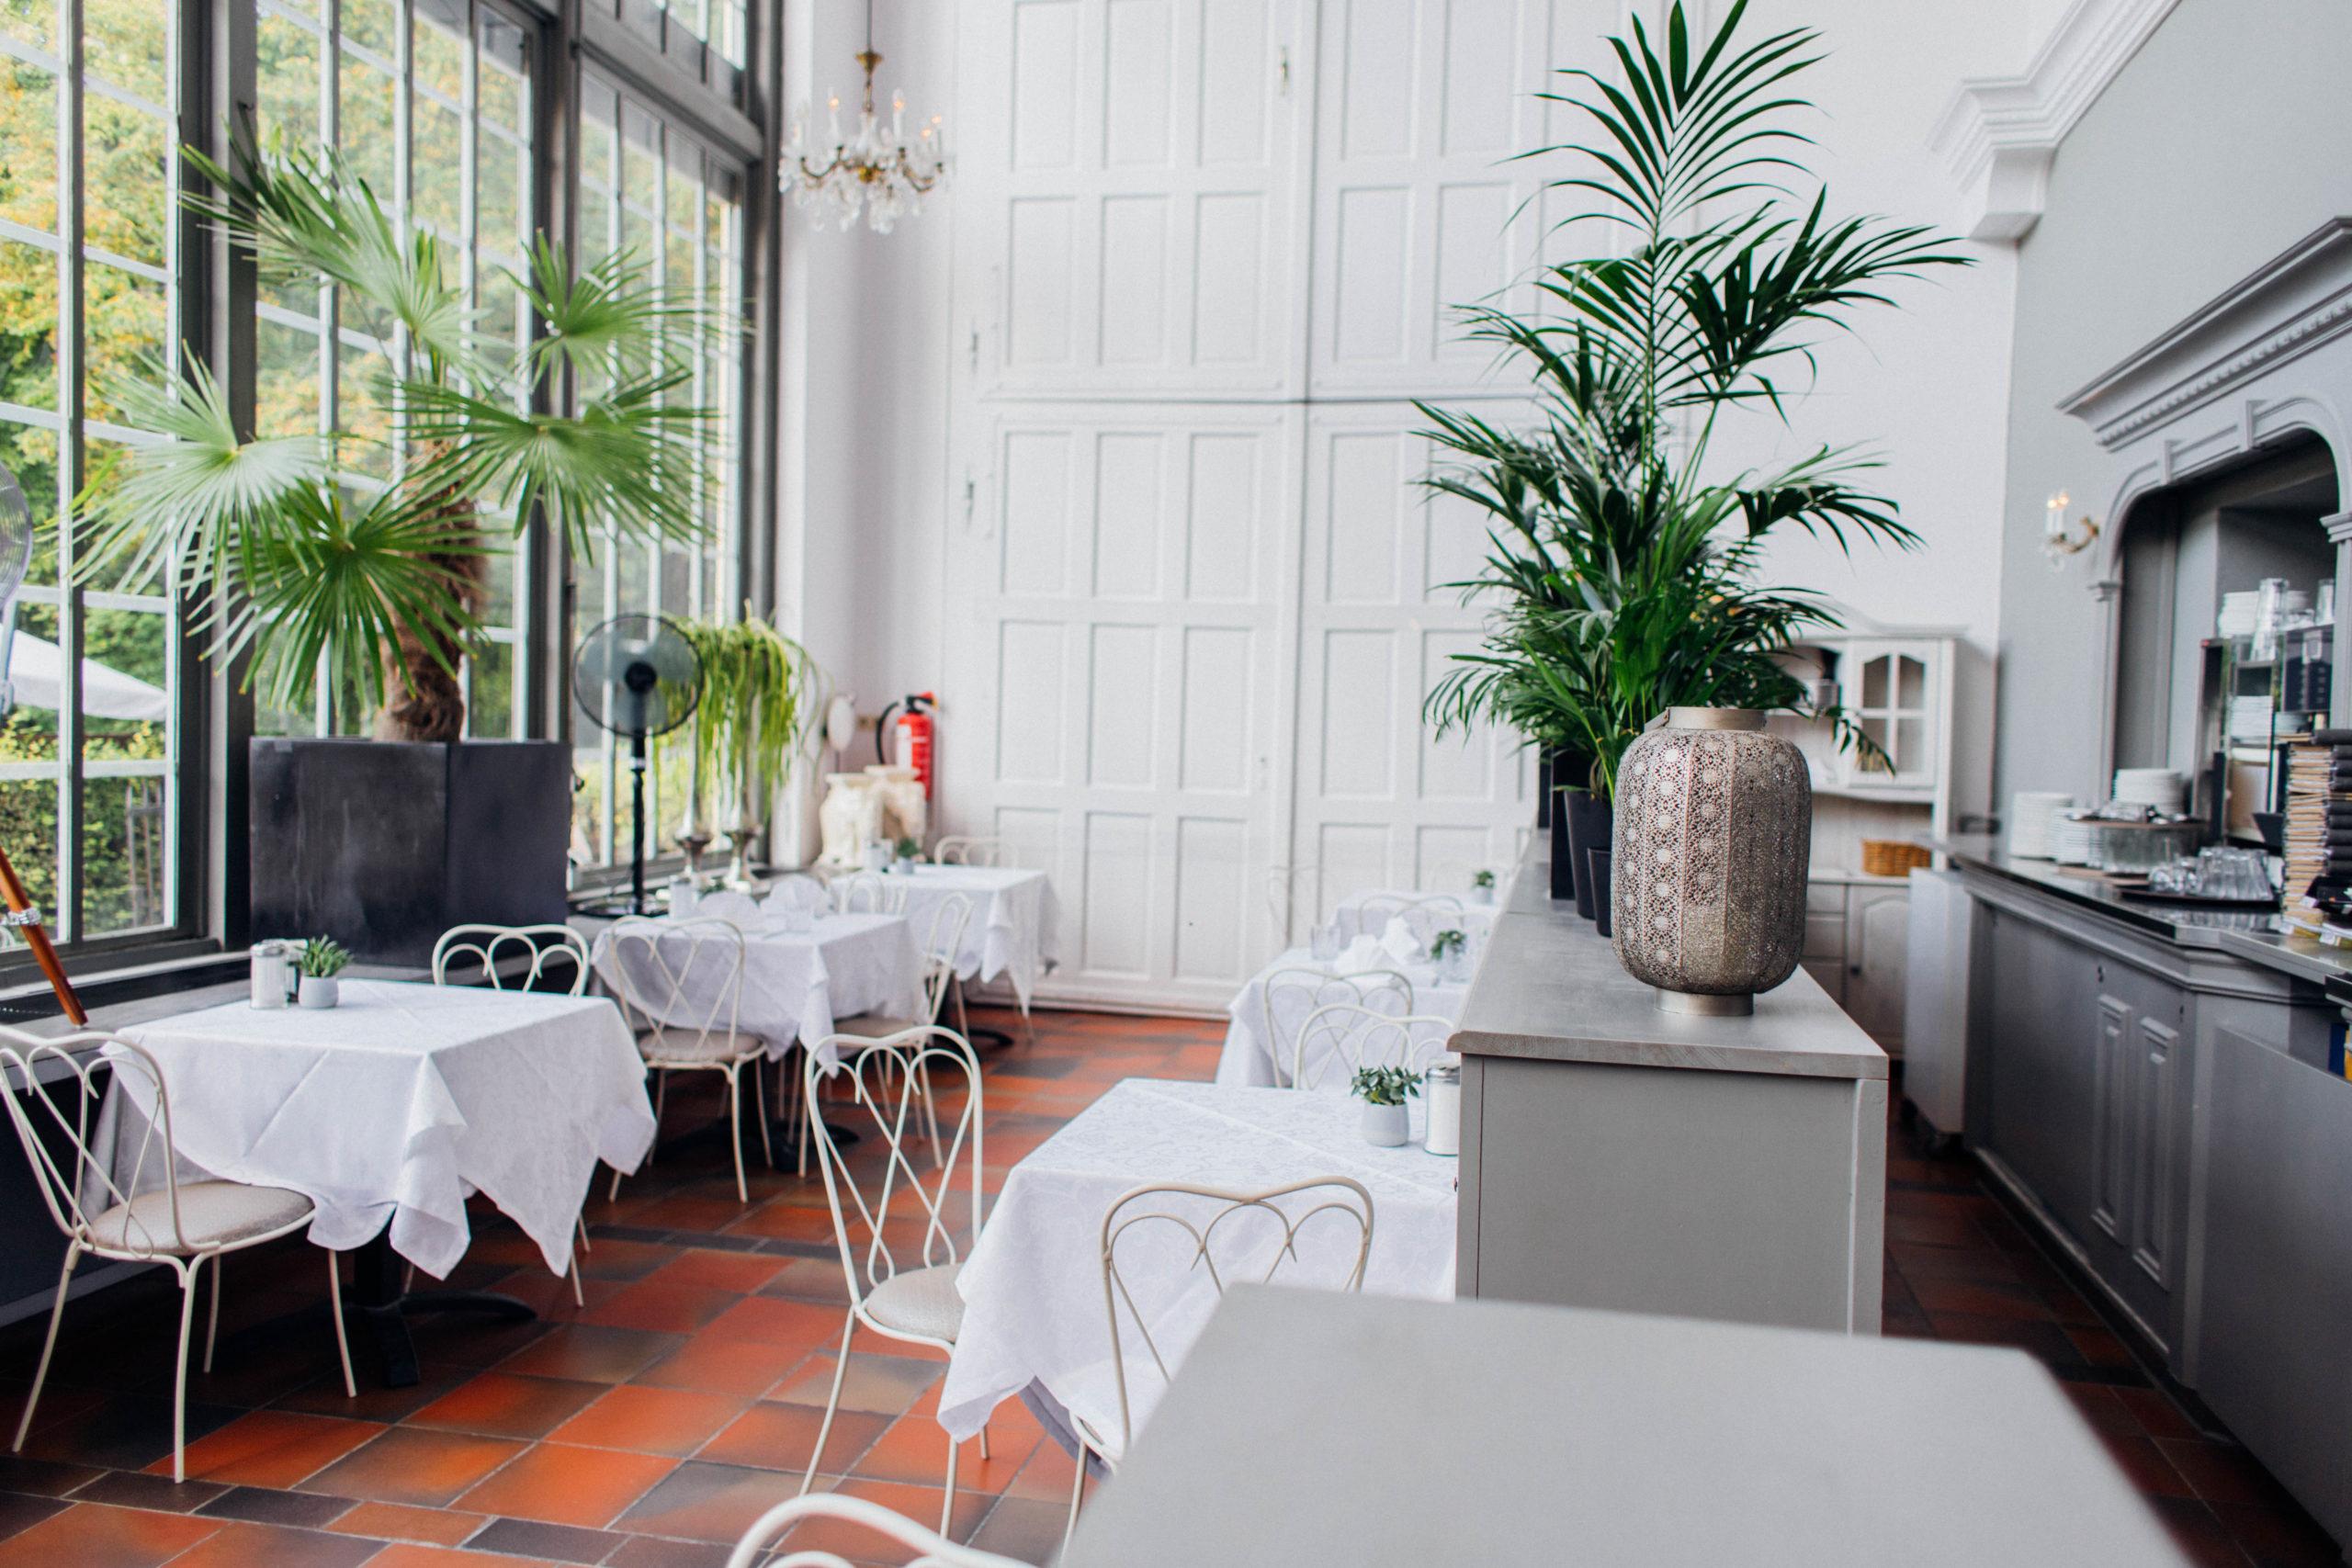 Café Bereich im Palmenhaus